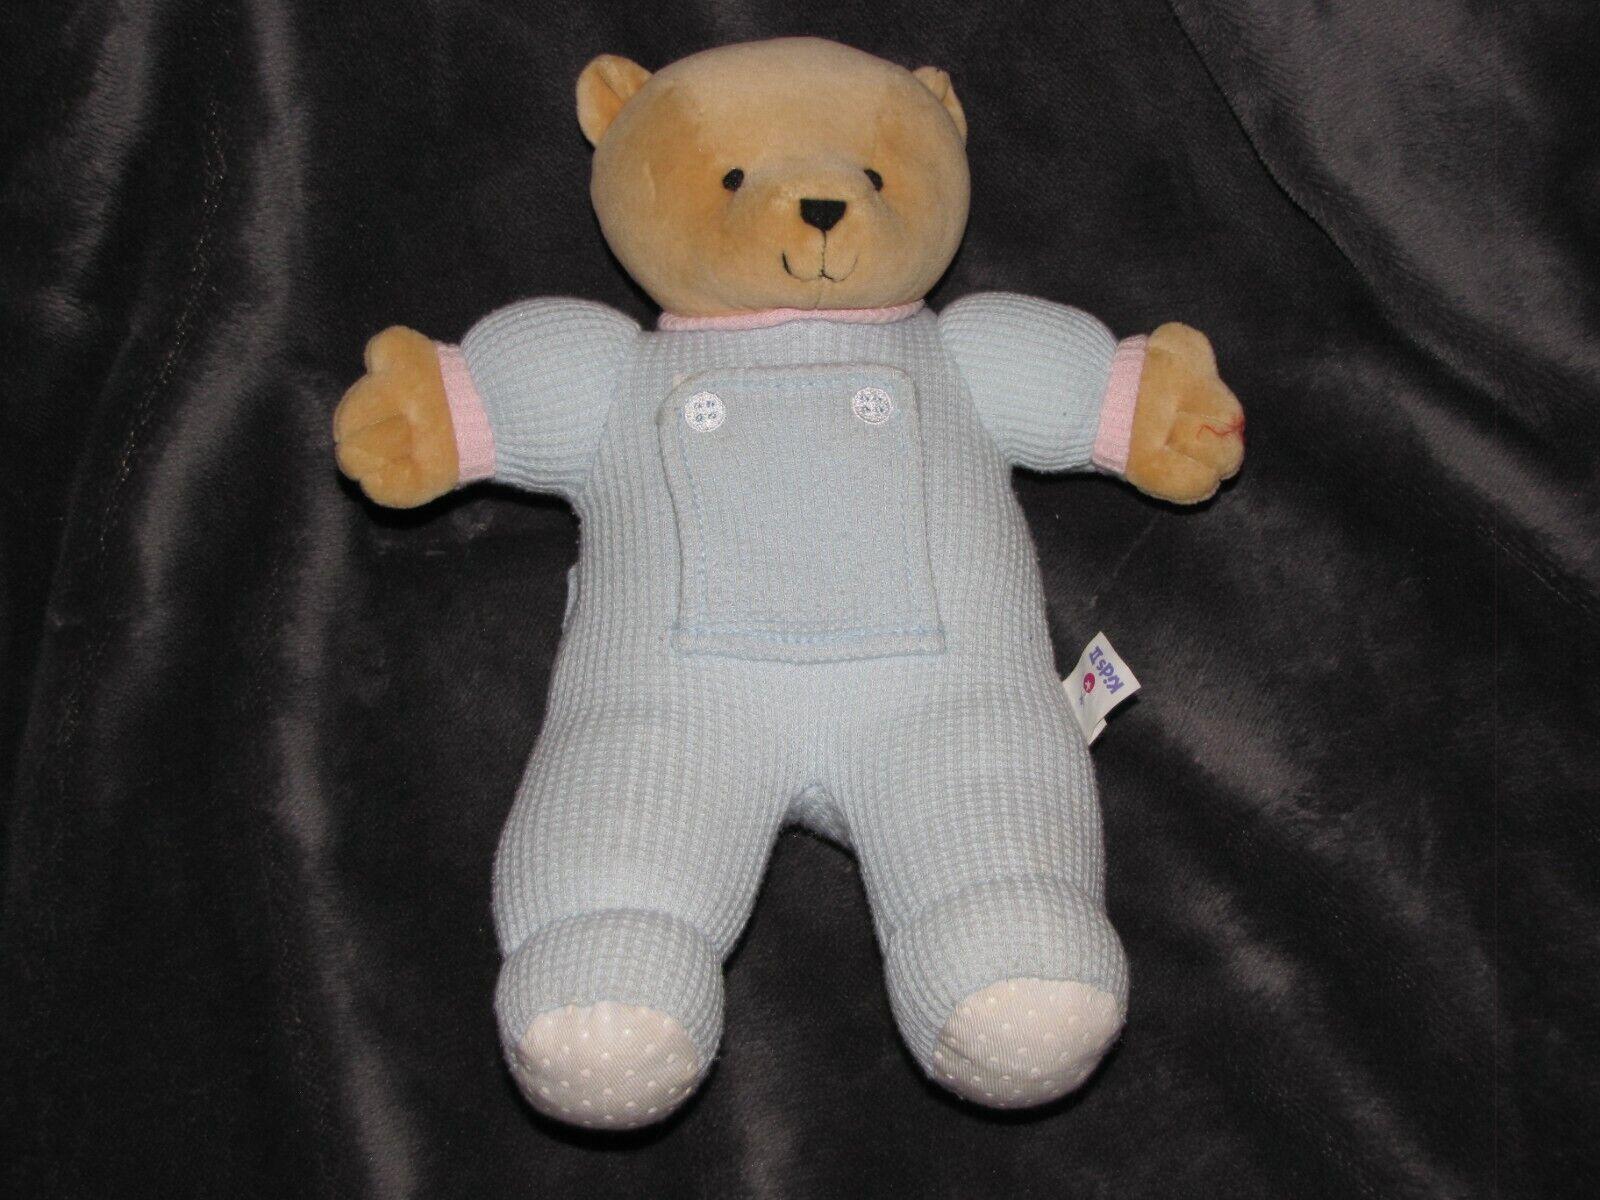 1999 KIDS II BABY THERMAL blueE PEEK A BOO MIRROR TEDDY BEAR STUFFED ANIMAL PLUSH